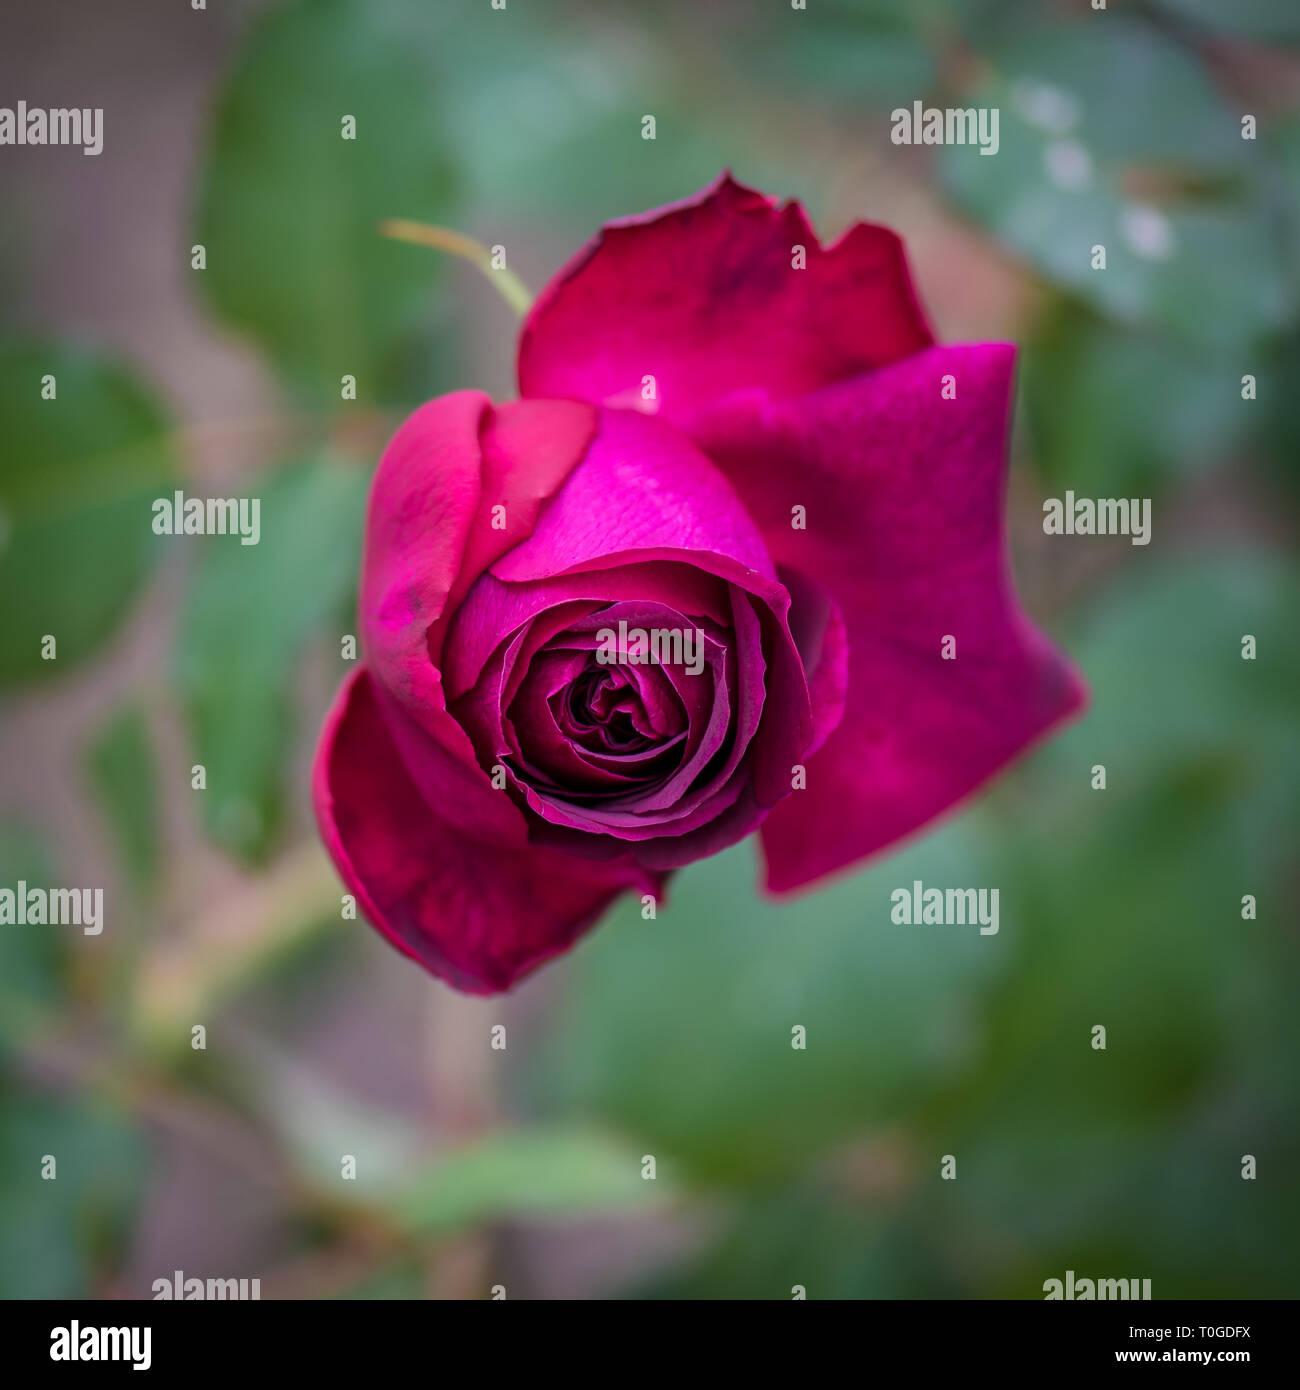 English rose in Wakehurst Wild Botanic Gardens, United Kingdom - Stock Image